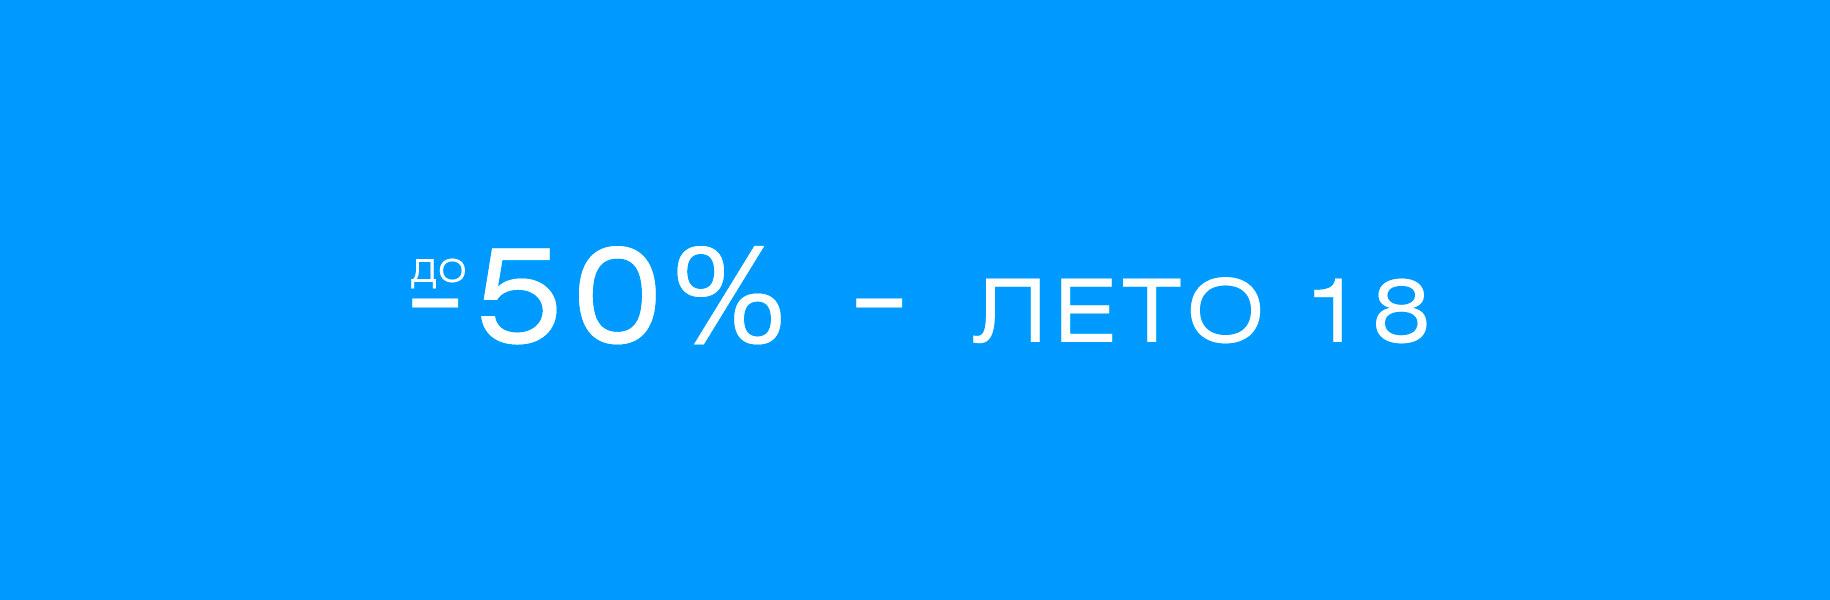 -50% Лето18